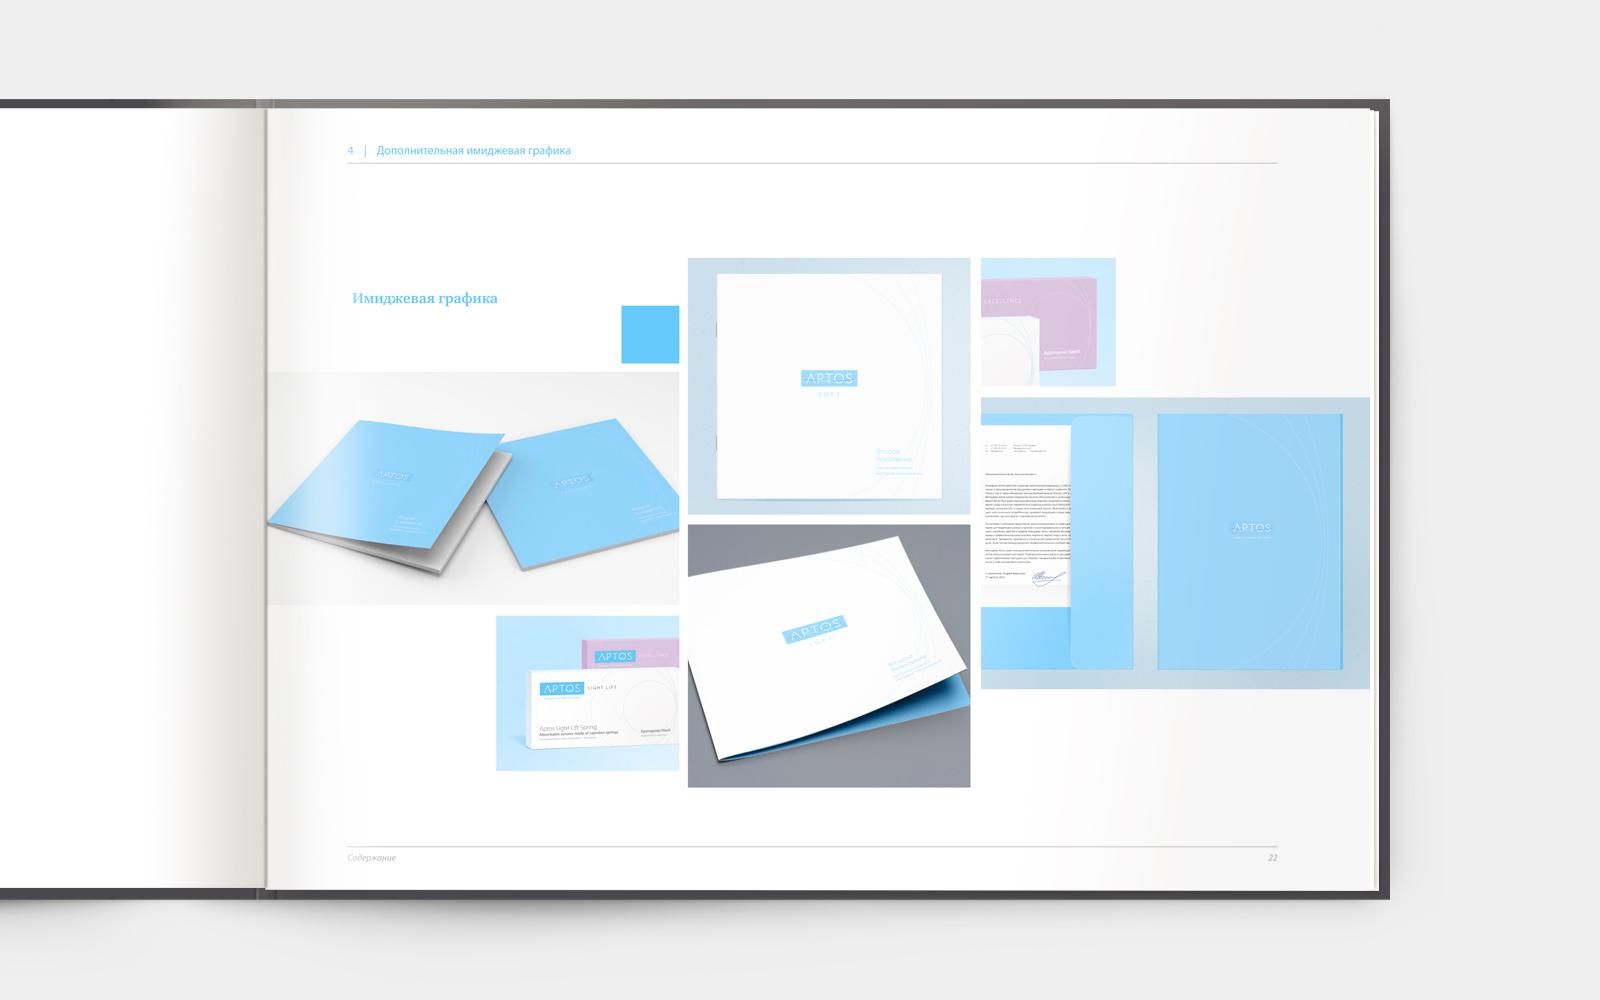 Дизайн логотипа и элементы фирменного стиля в деловой документации Aptos